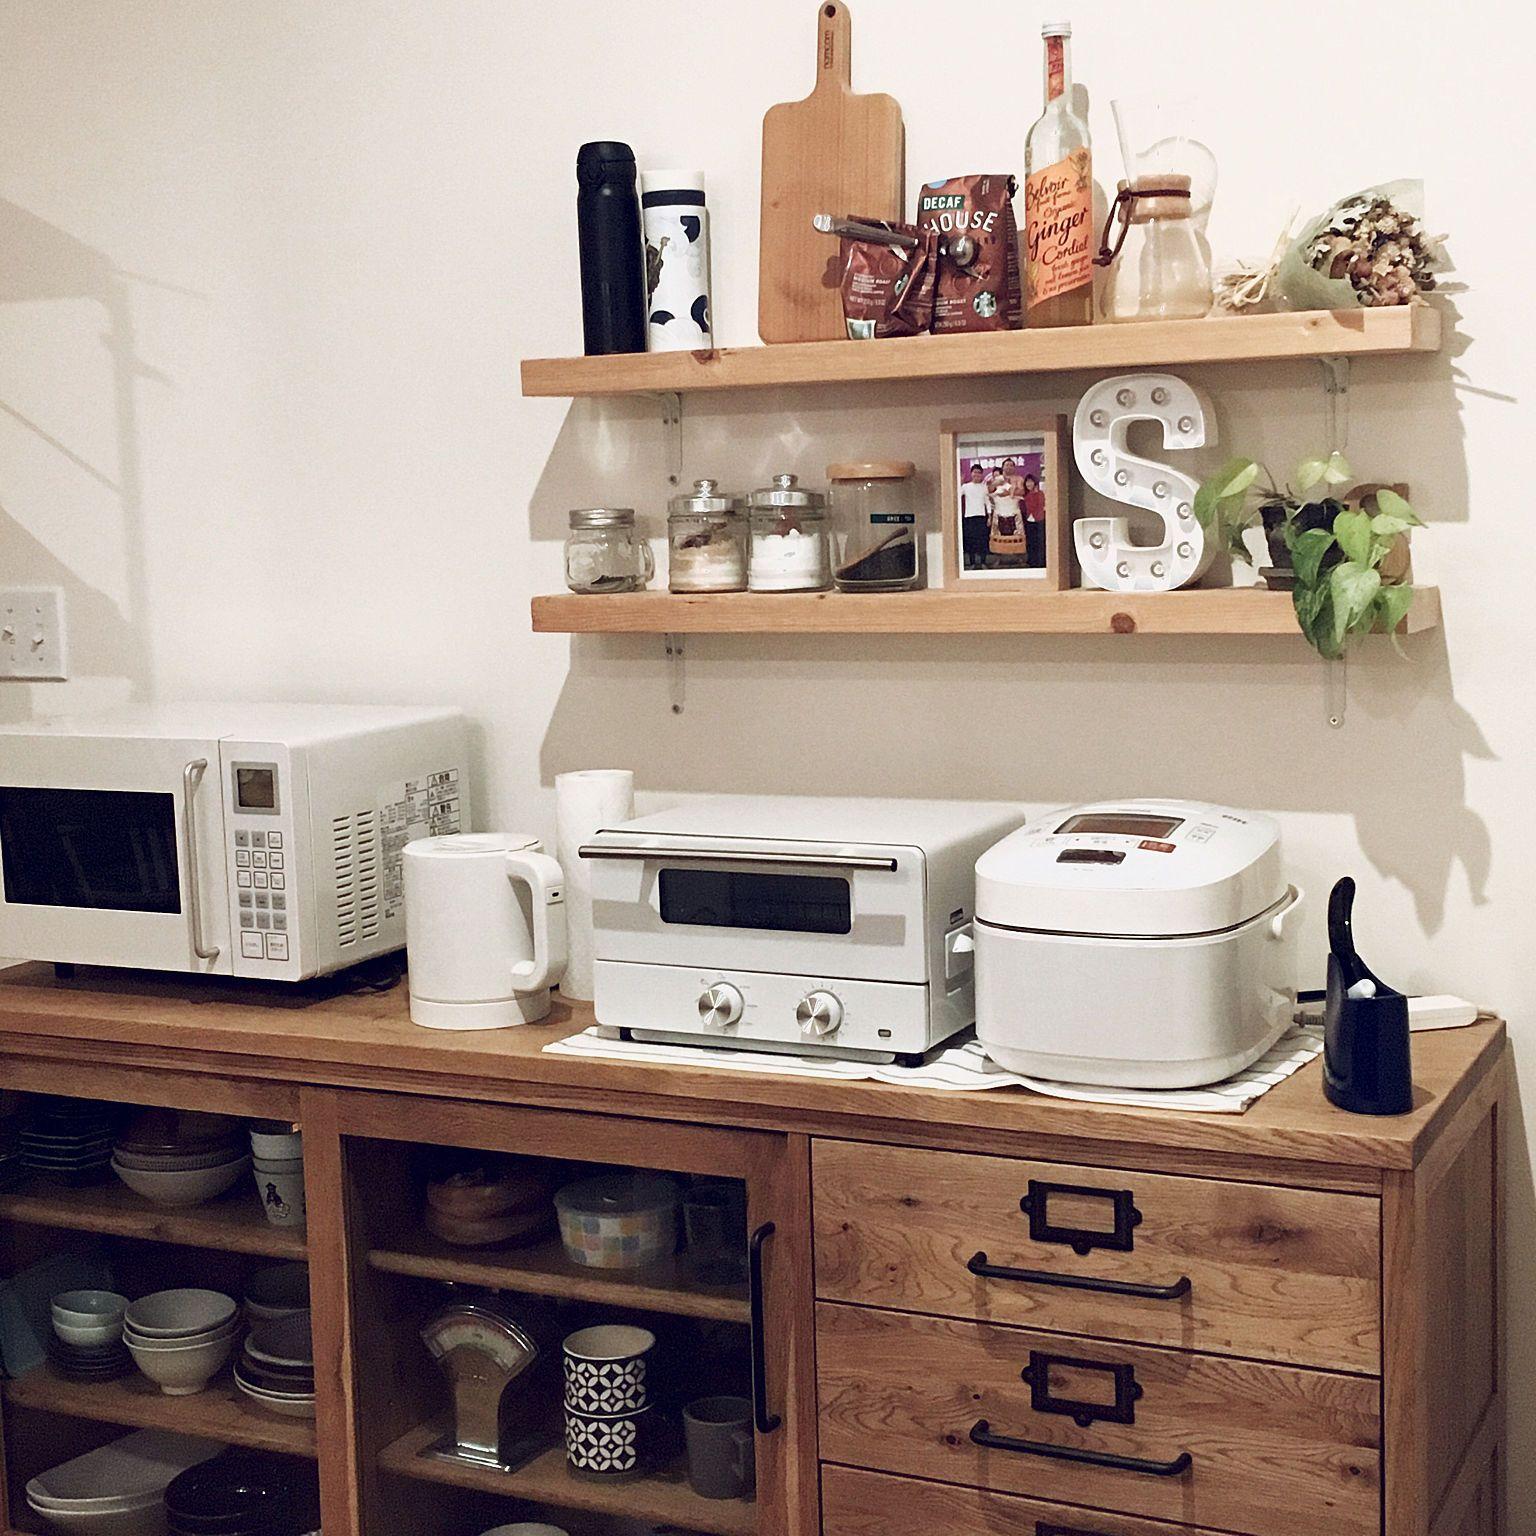 キッチン 無印良品 電気ケトル 電子レンジ カウンター などのインテリア実例 2018 05 08 19 01 32 Roomclip ルームクリップ インテリア 実例 インテリア 電気ケトル